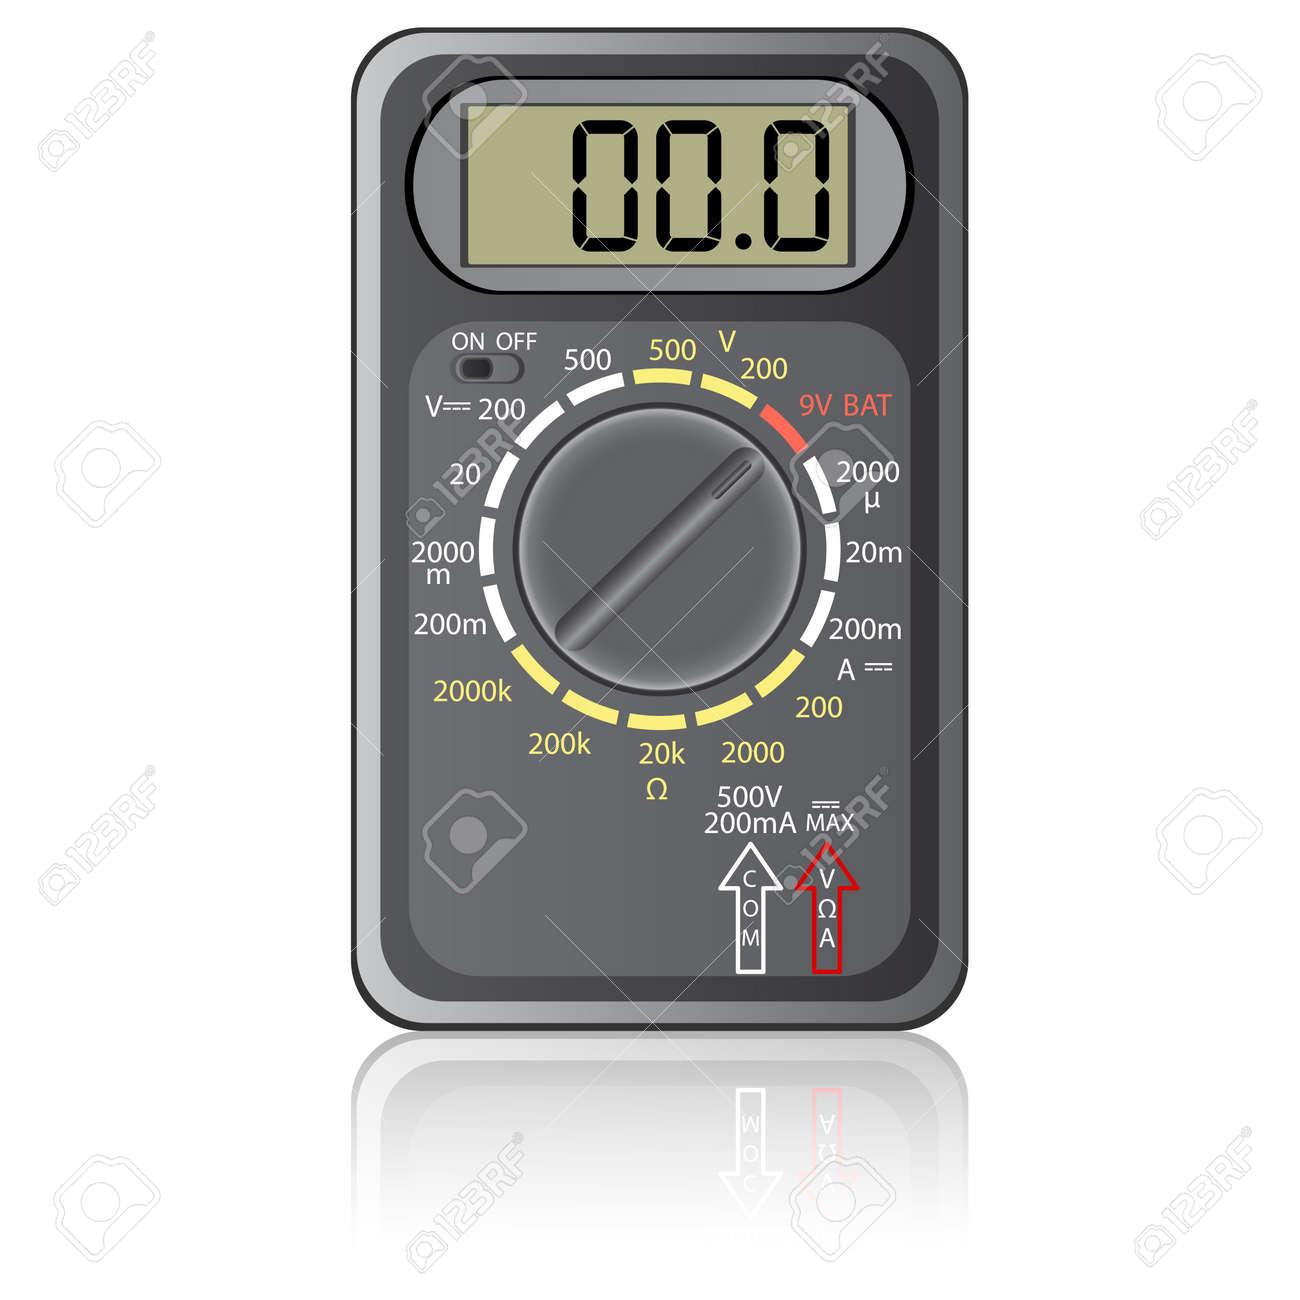 Digital multimeter. Vector illustration. Isolated on white background. Stock Vector - 12481781